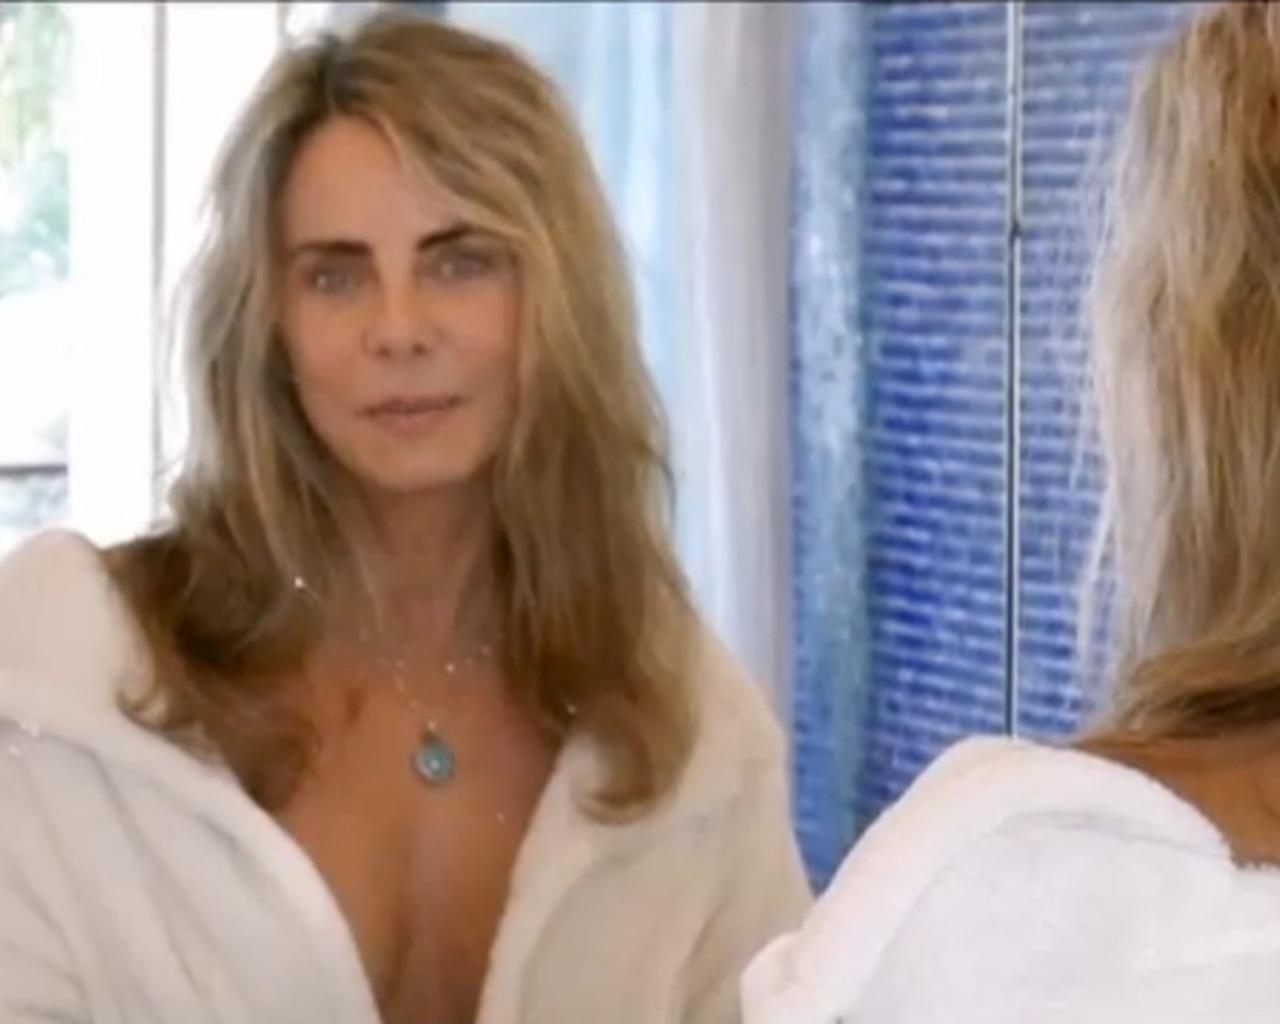 2.mai.2014 - Bruna Lombardi gravou vídeo tomando banho para conscientizar sobre o consumo de água